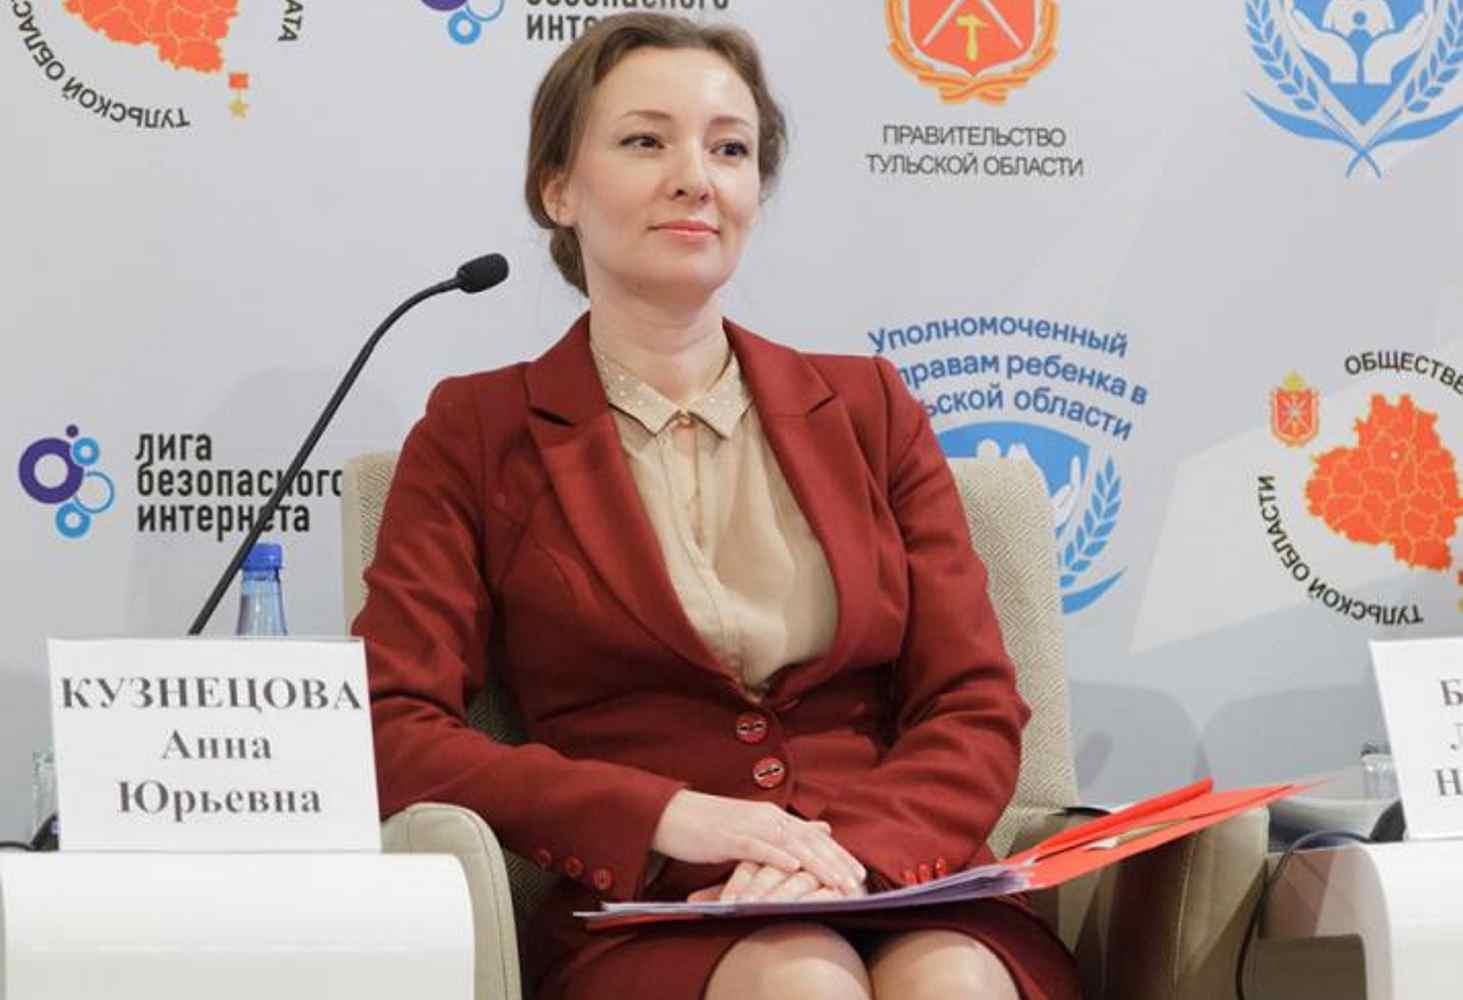 anna-kuznetsova-posle-intsidenta-v-kazani-v-shkolah-vnov-proveryat-vospitatelnye-programmy